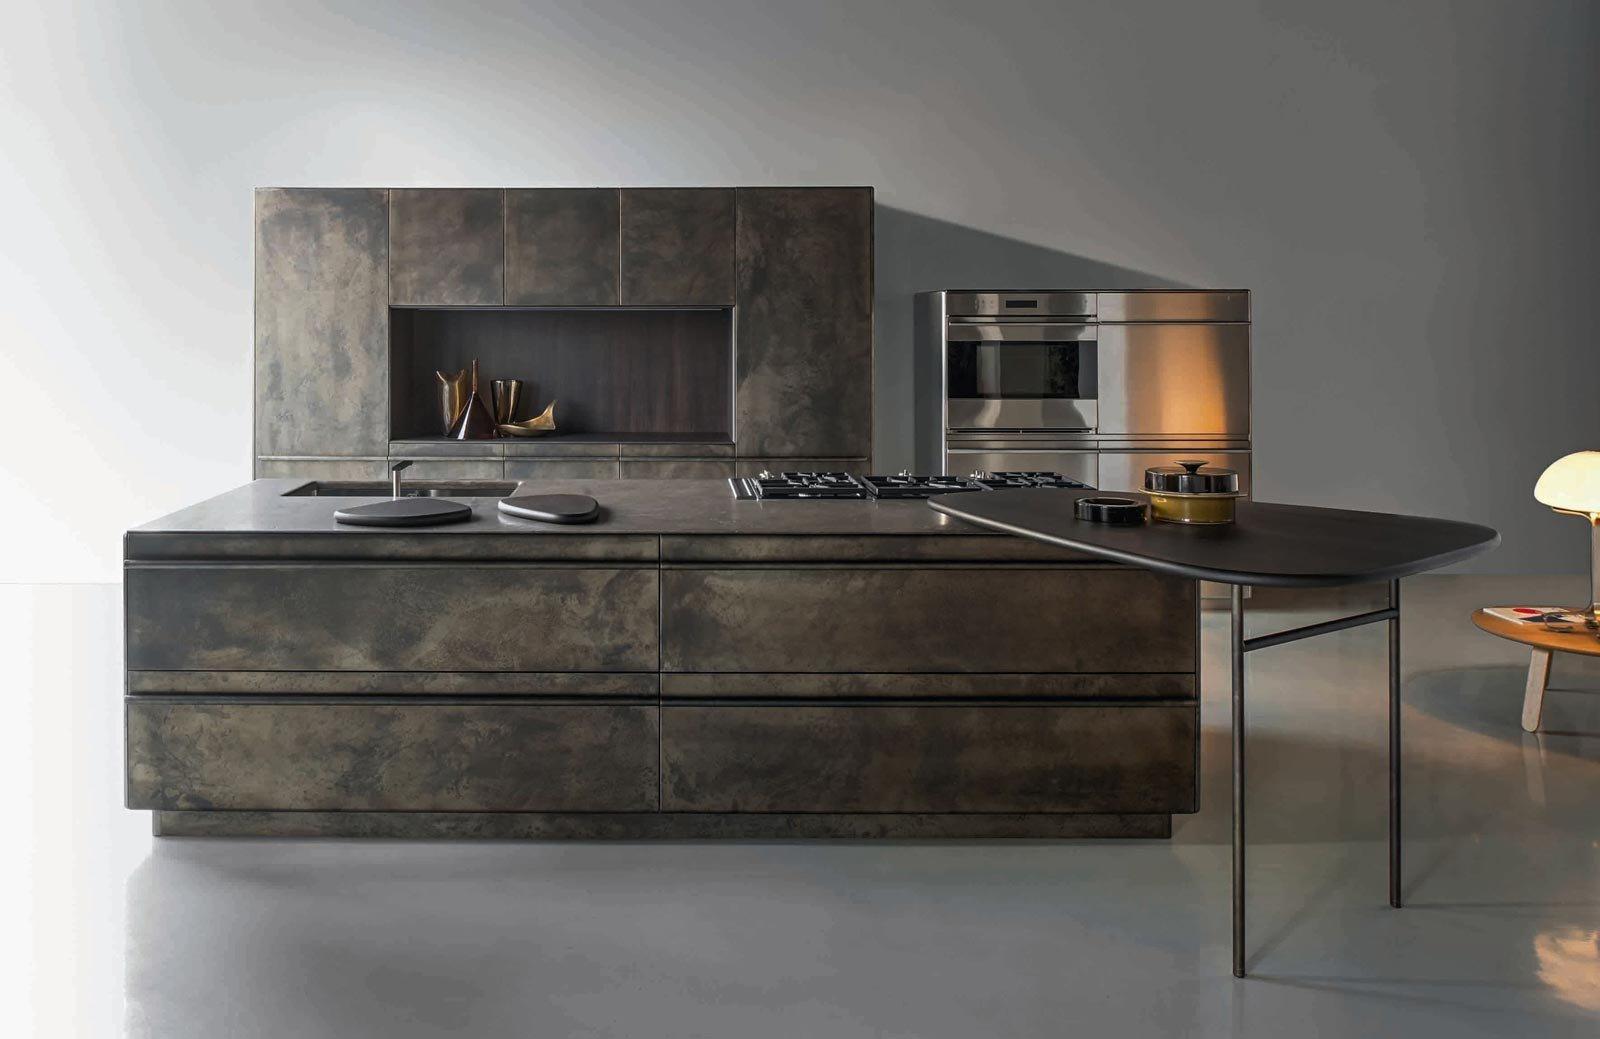 Eurocucina 2016 superfici soft touch per le nuove cucine - Cucine con isola centrale ...